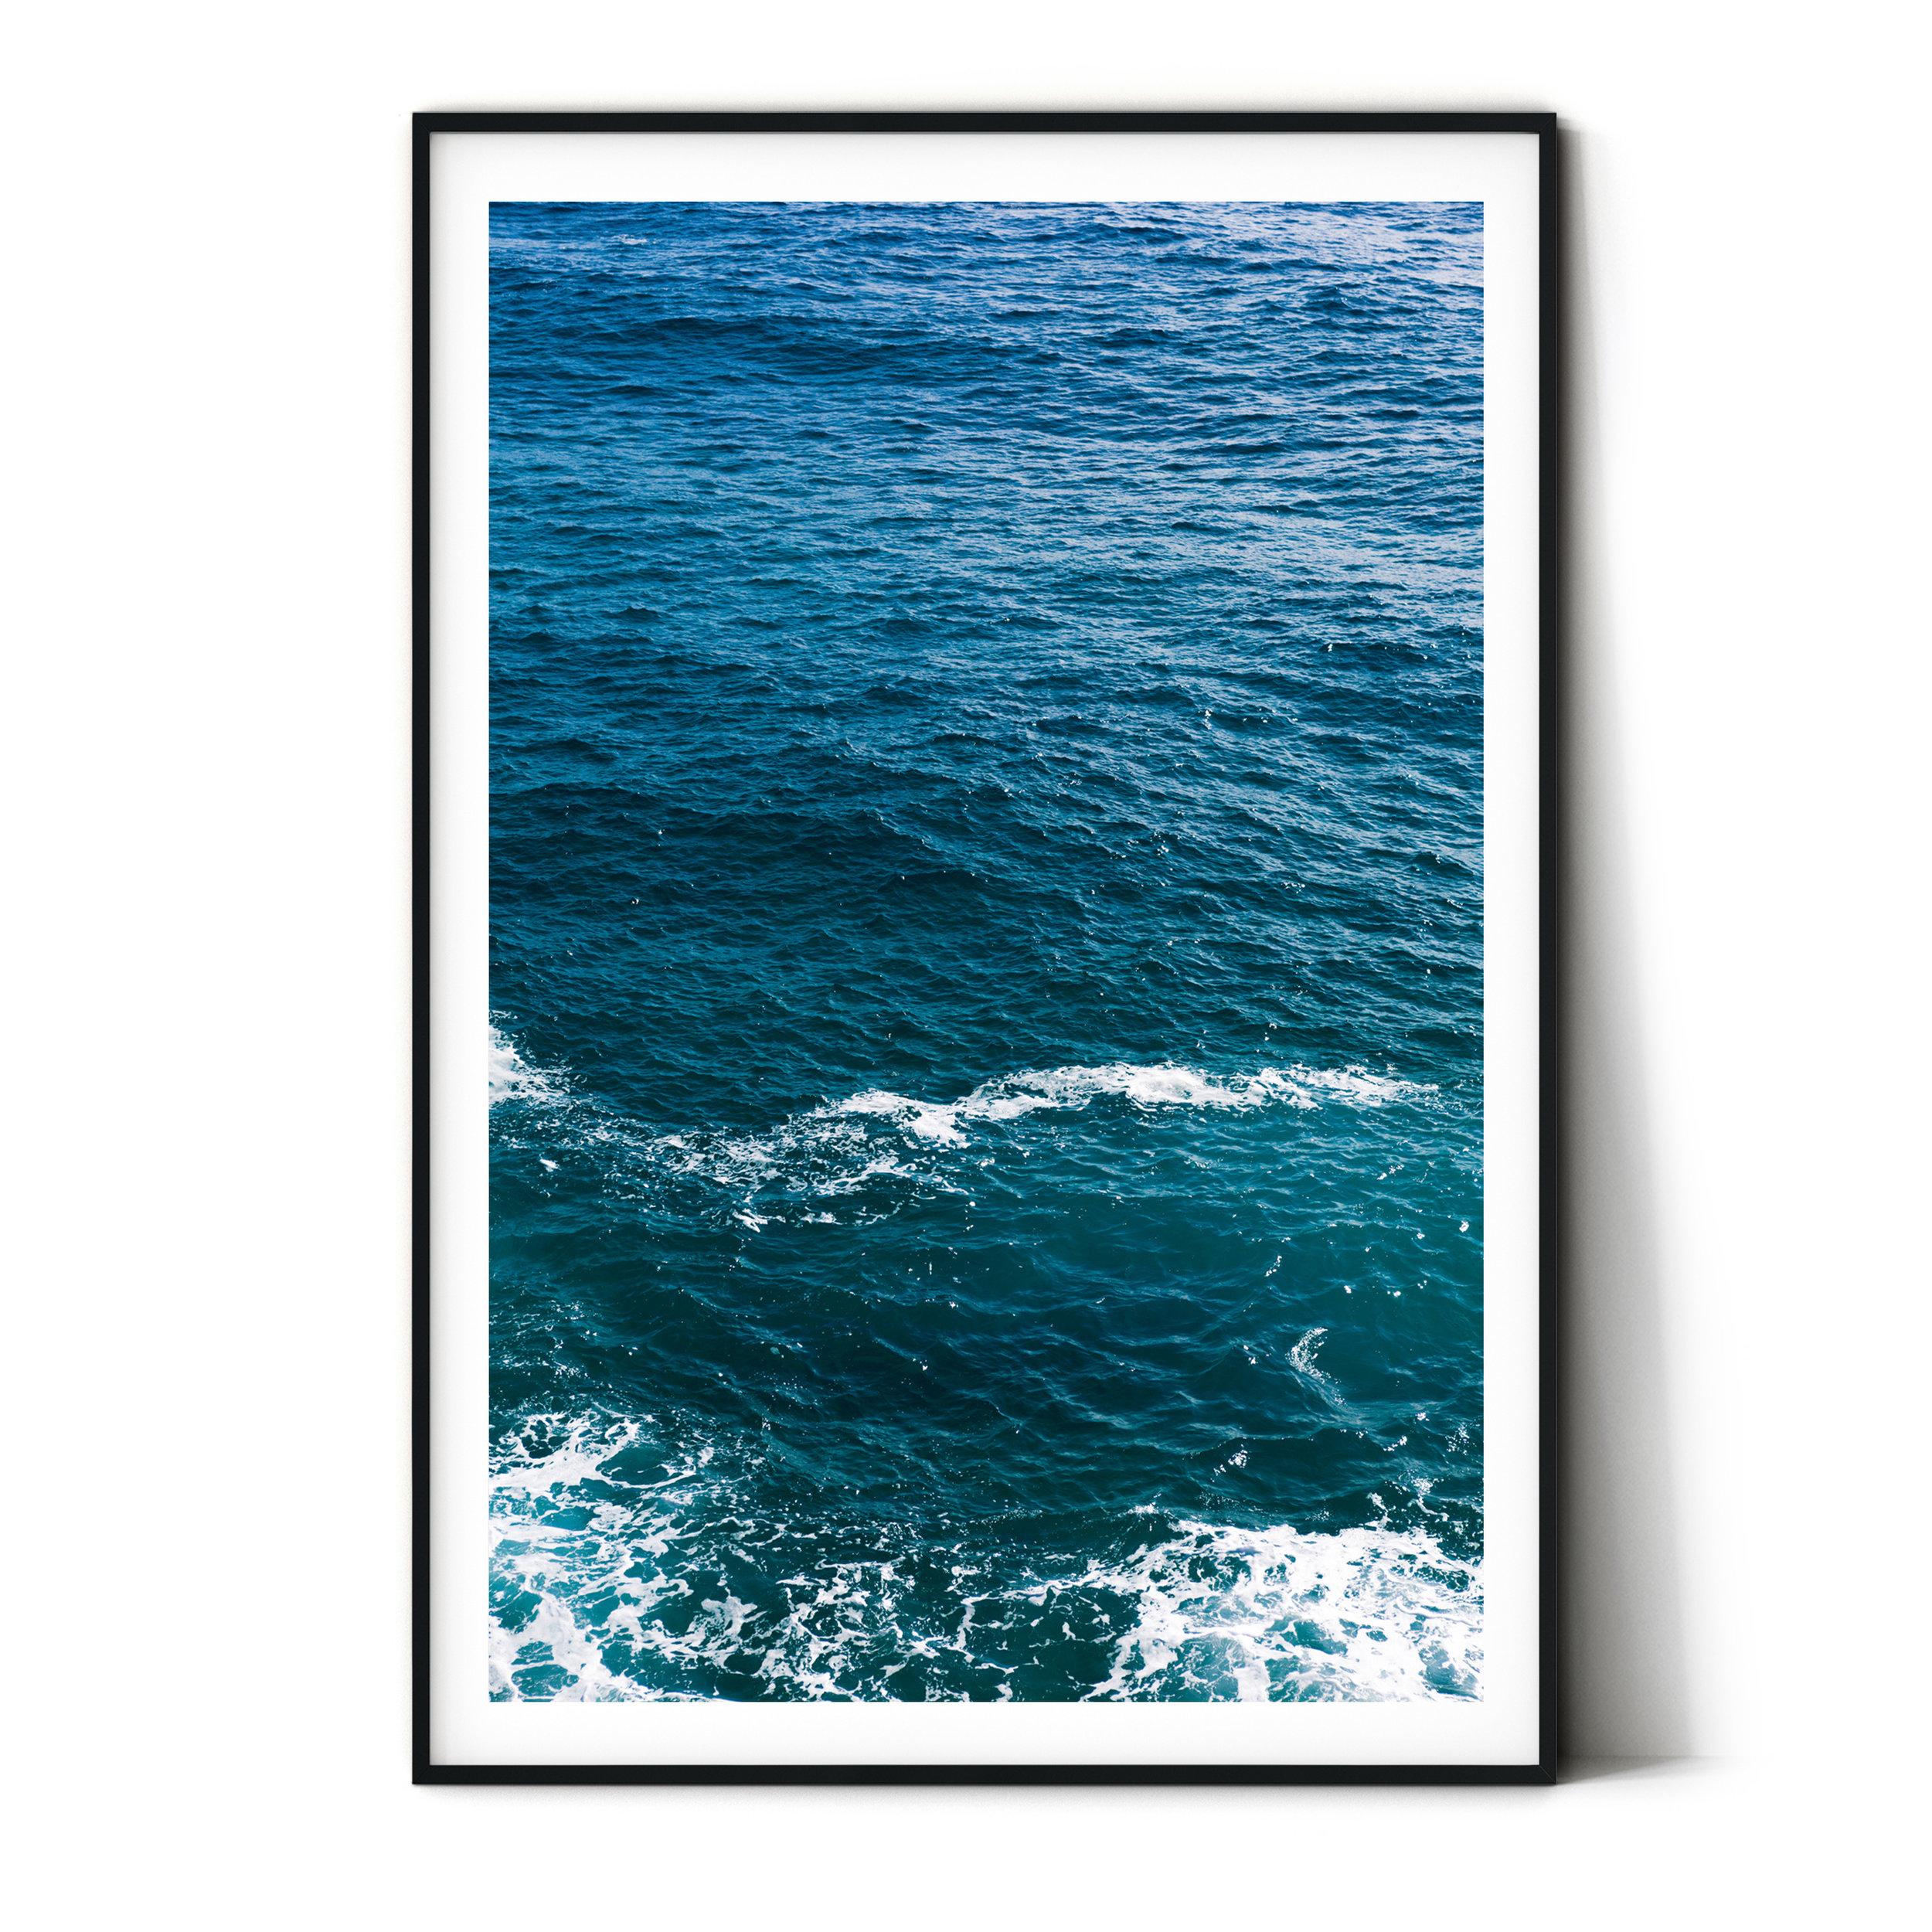 deep blue - wood - plain bg.jpg